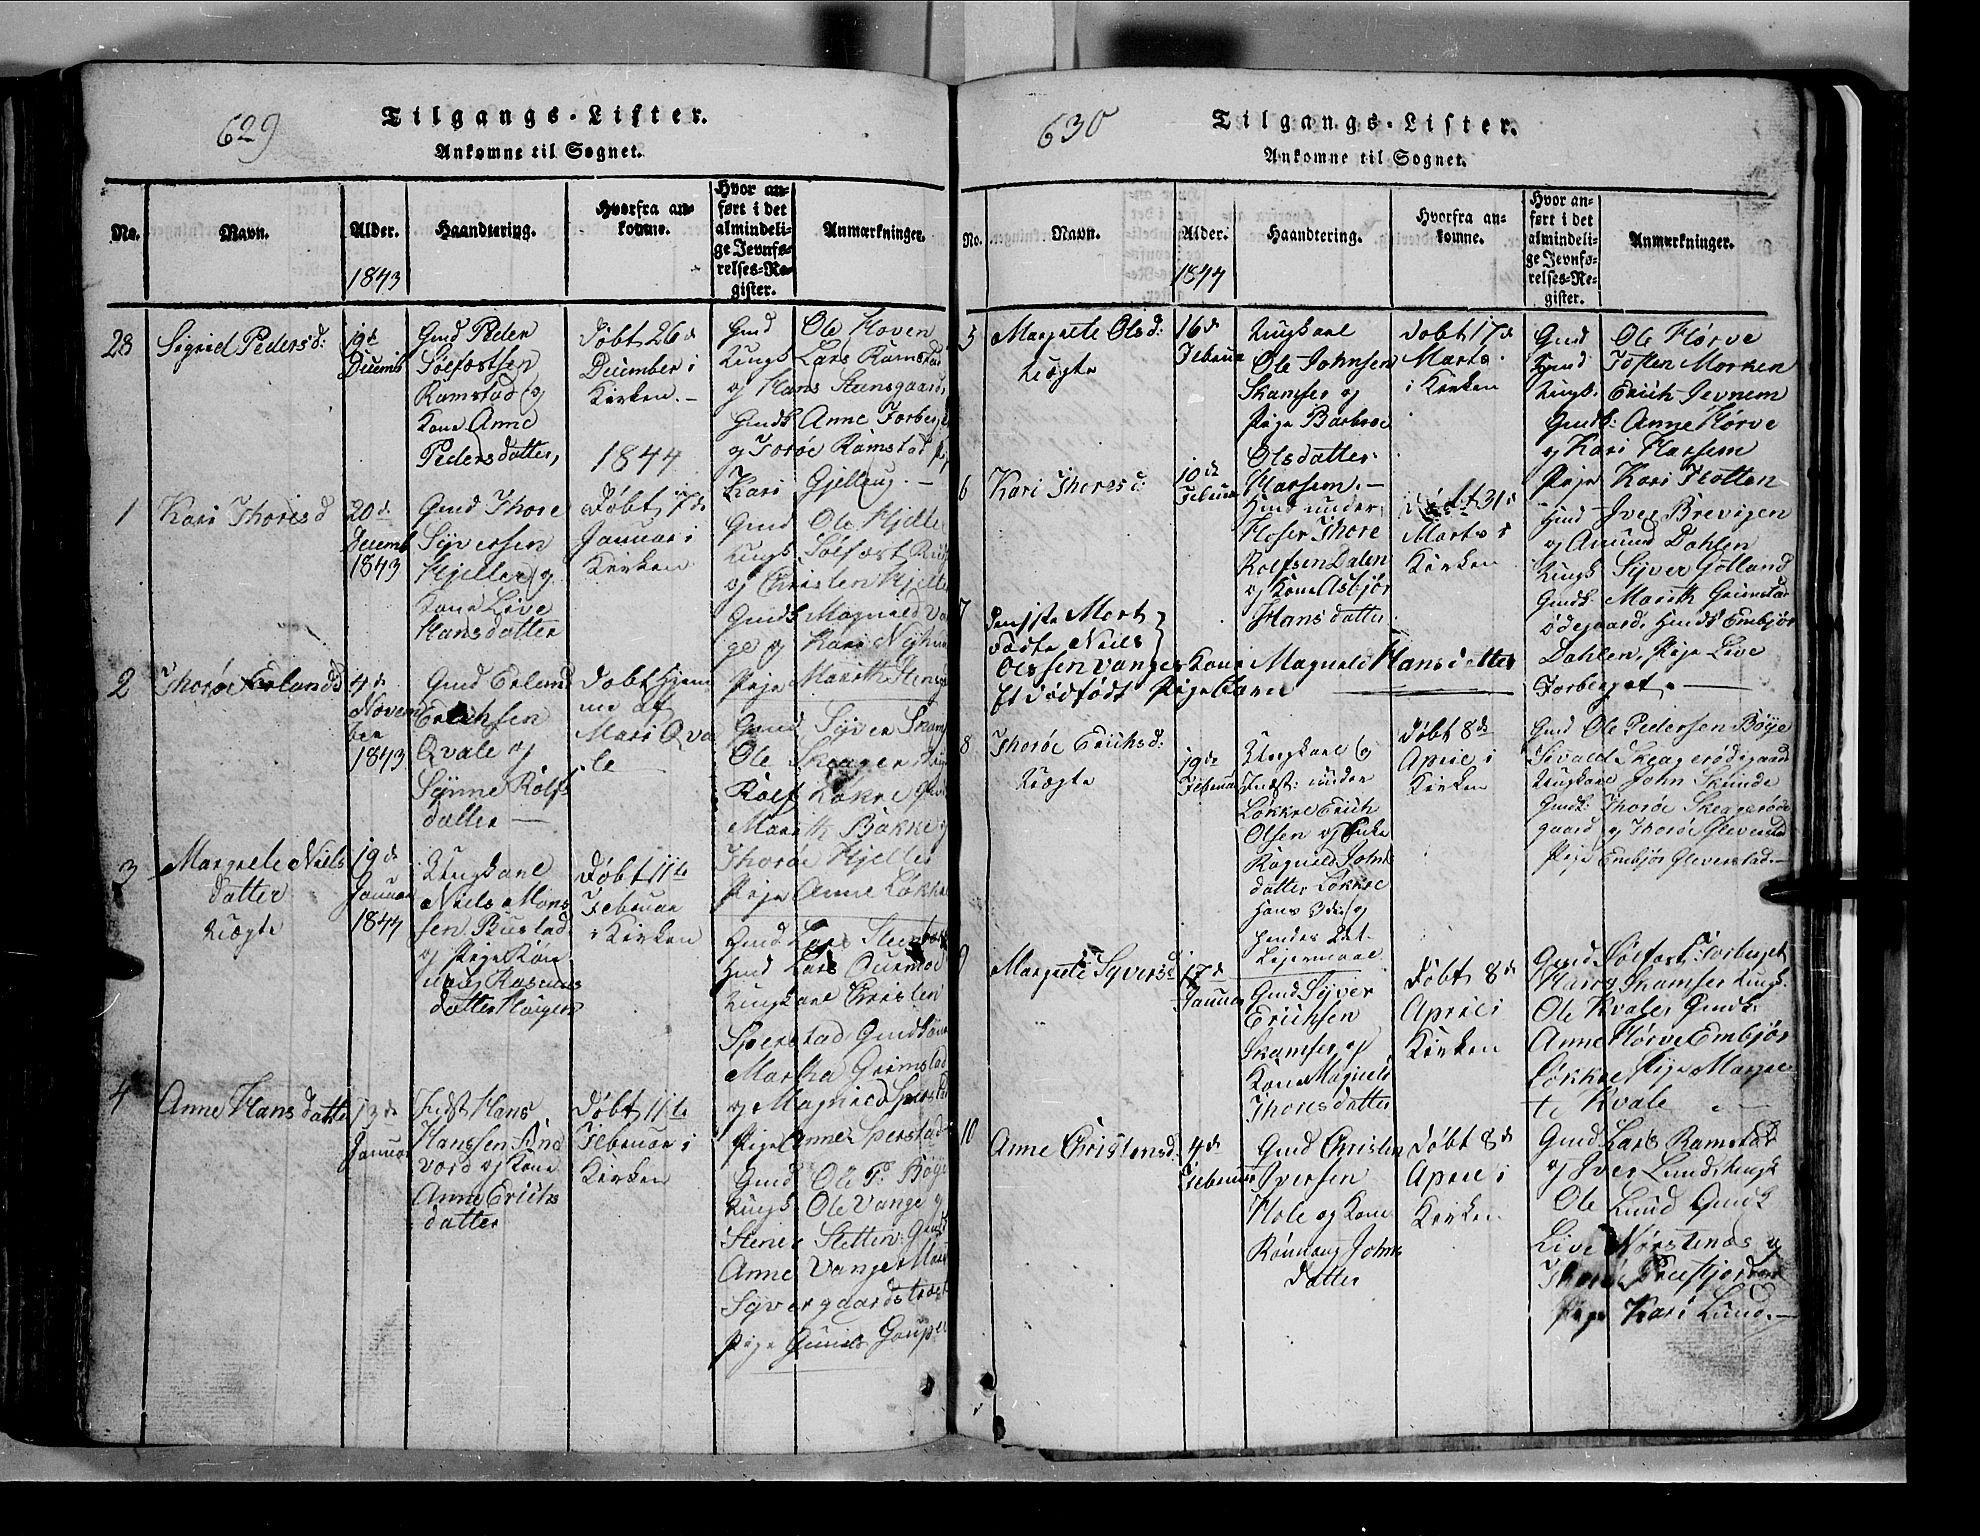 SAH, Lom prestekontor, L/L0003: Klokkerbok nr. 3, 1815-1844, s. 629-630